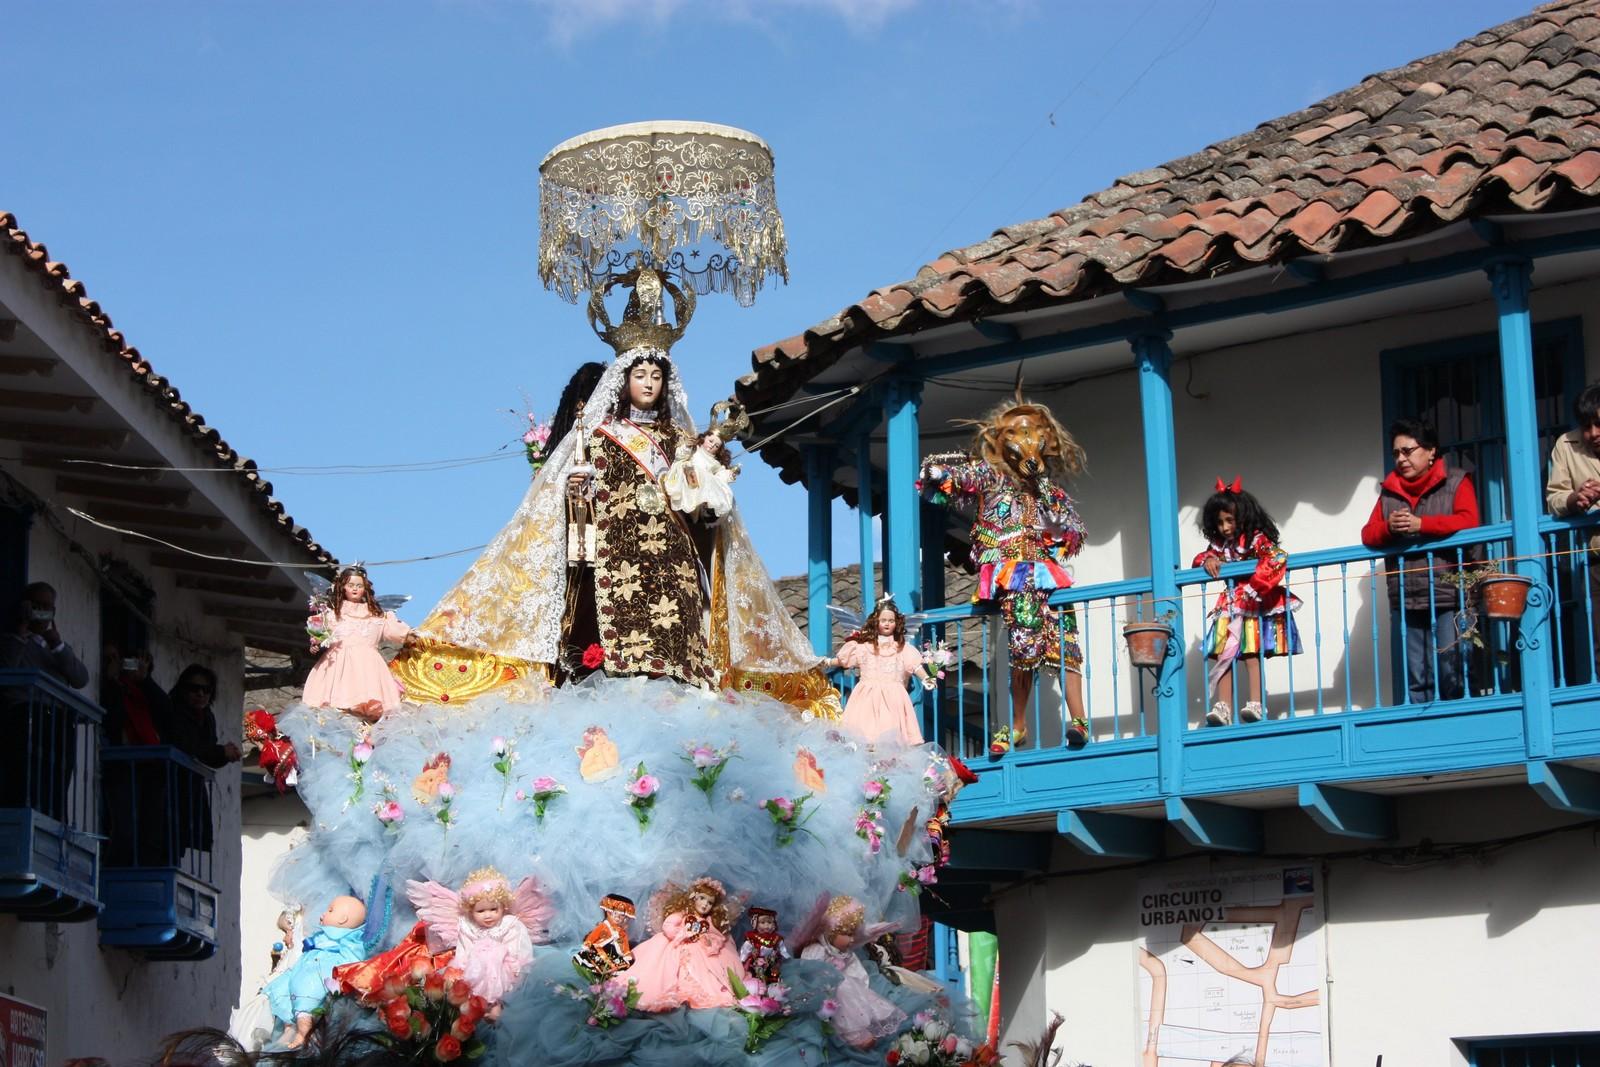 Nuestra Señora del Carmen de Paucartambo, la Mamacha del Cusco, Perú (16 jul)